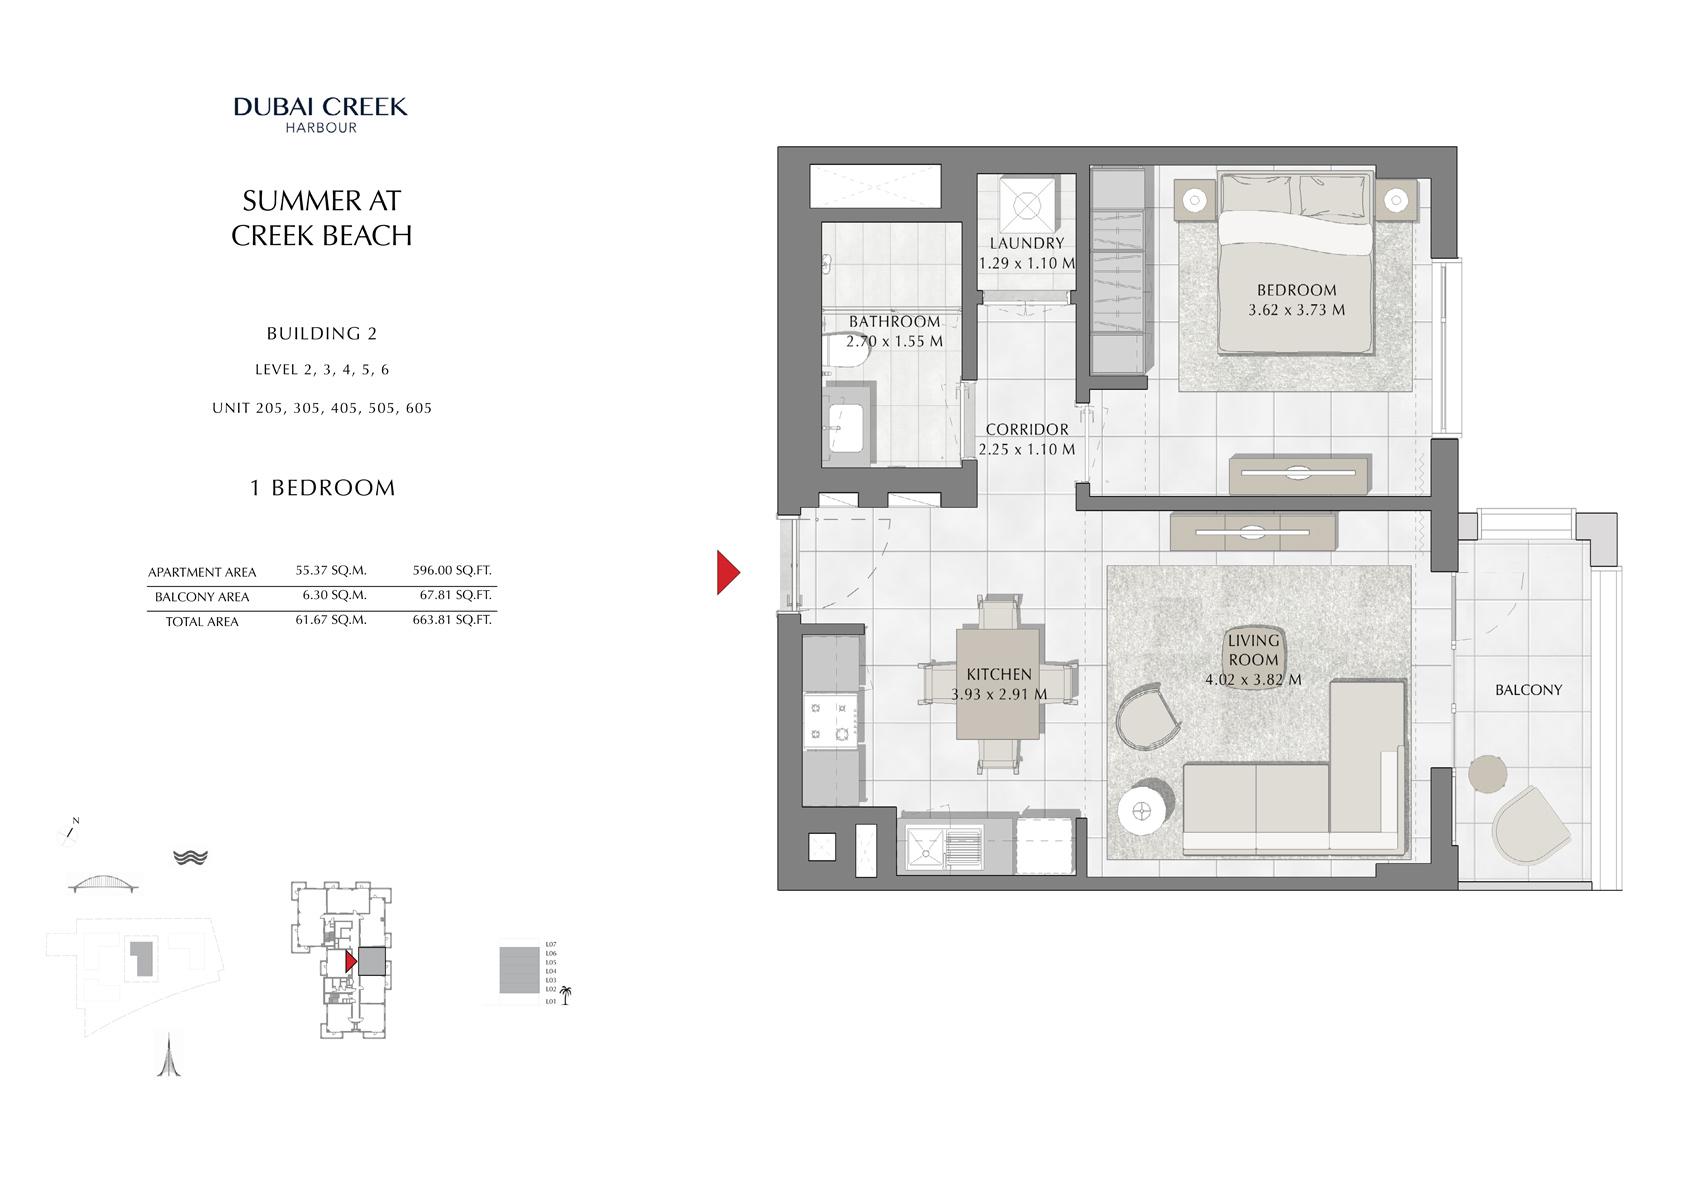 1 Br Building 2 Level-2-3-4-5-6 Unit-205-305-405-505-605, Size 663 Sq Ft